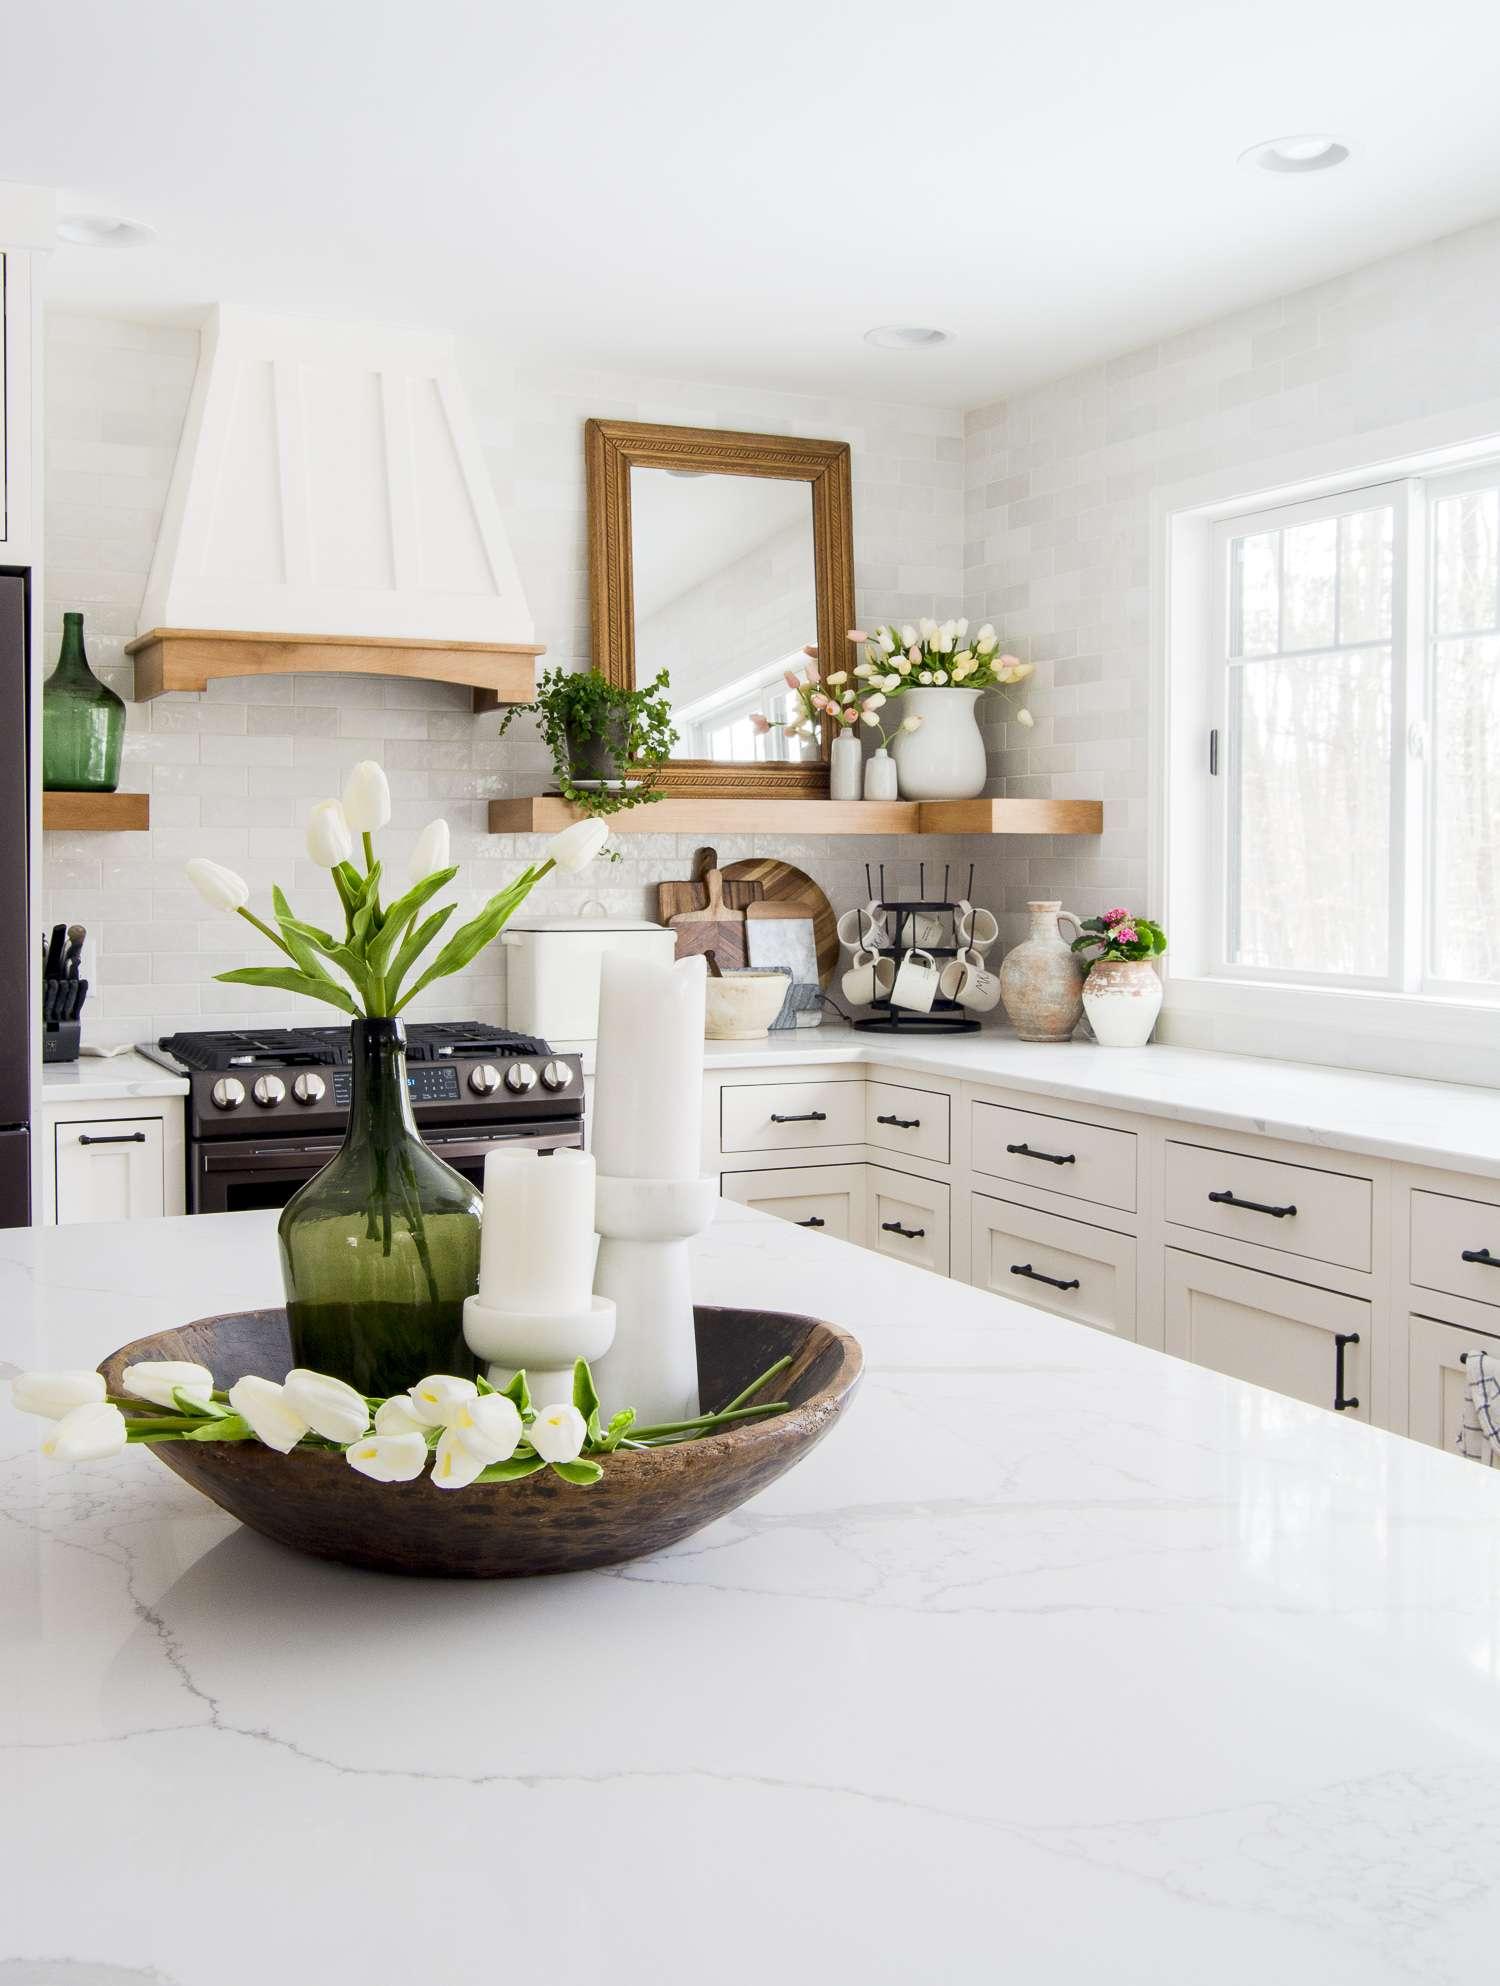 Spring kitchen island decor.